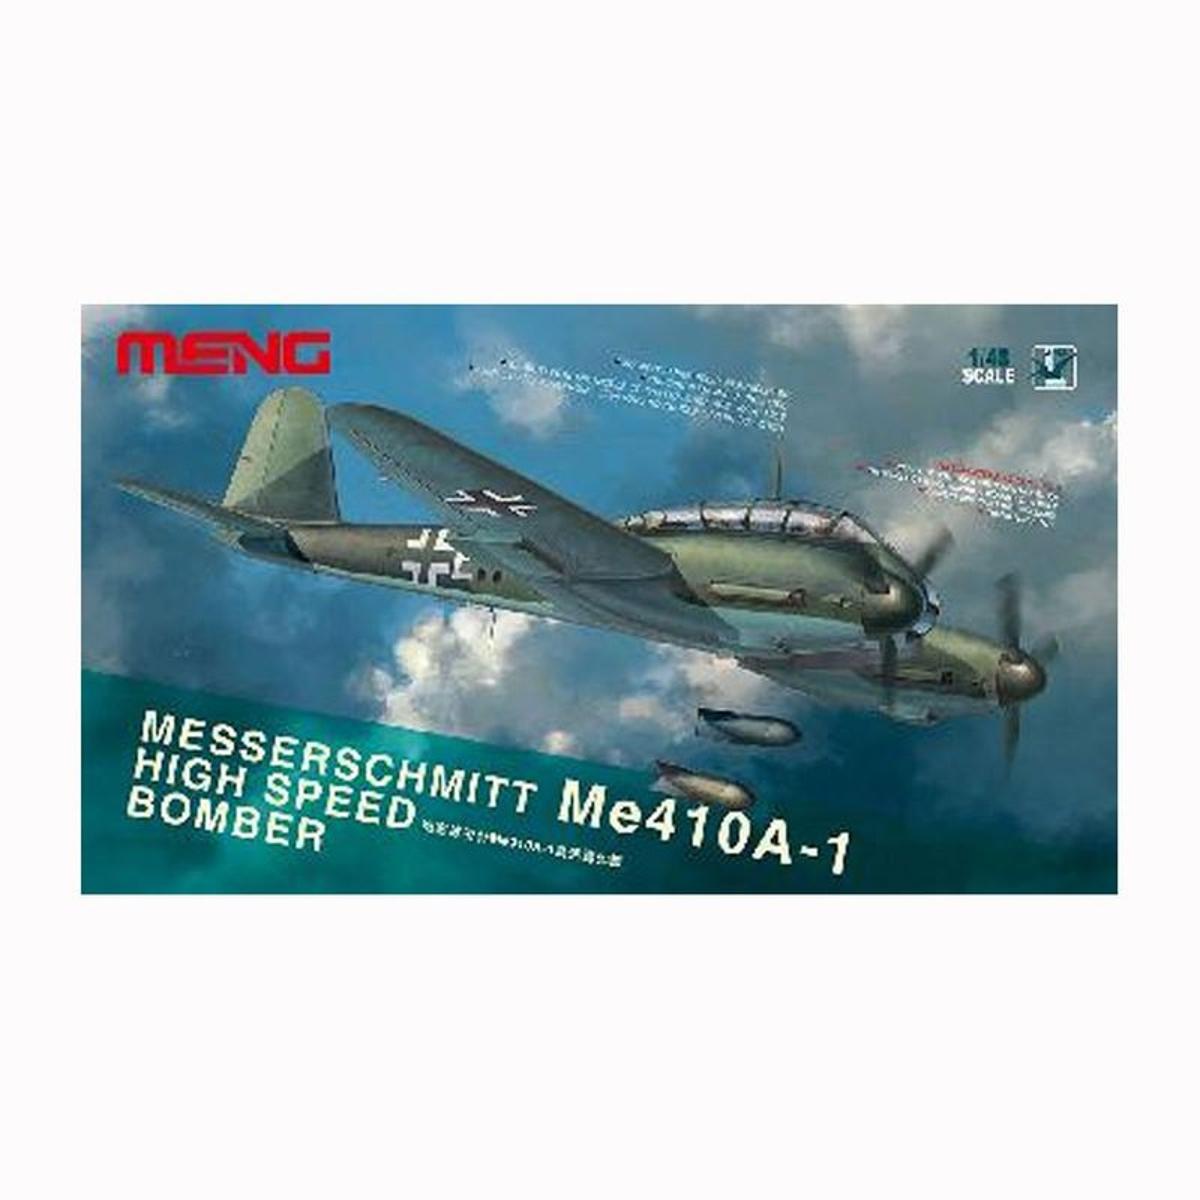 Maquette Avion MESSERSCHMITT Me-410a - Bombardier rapide allemand 1944